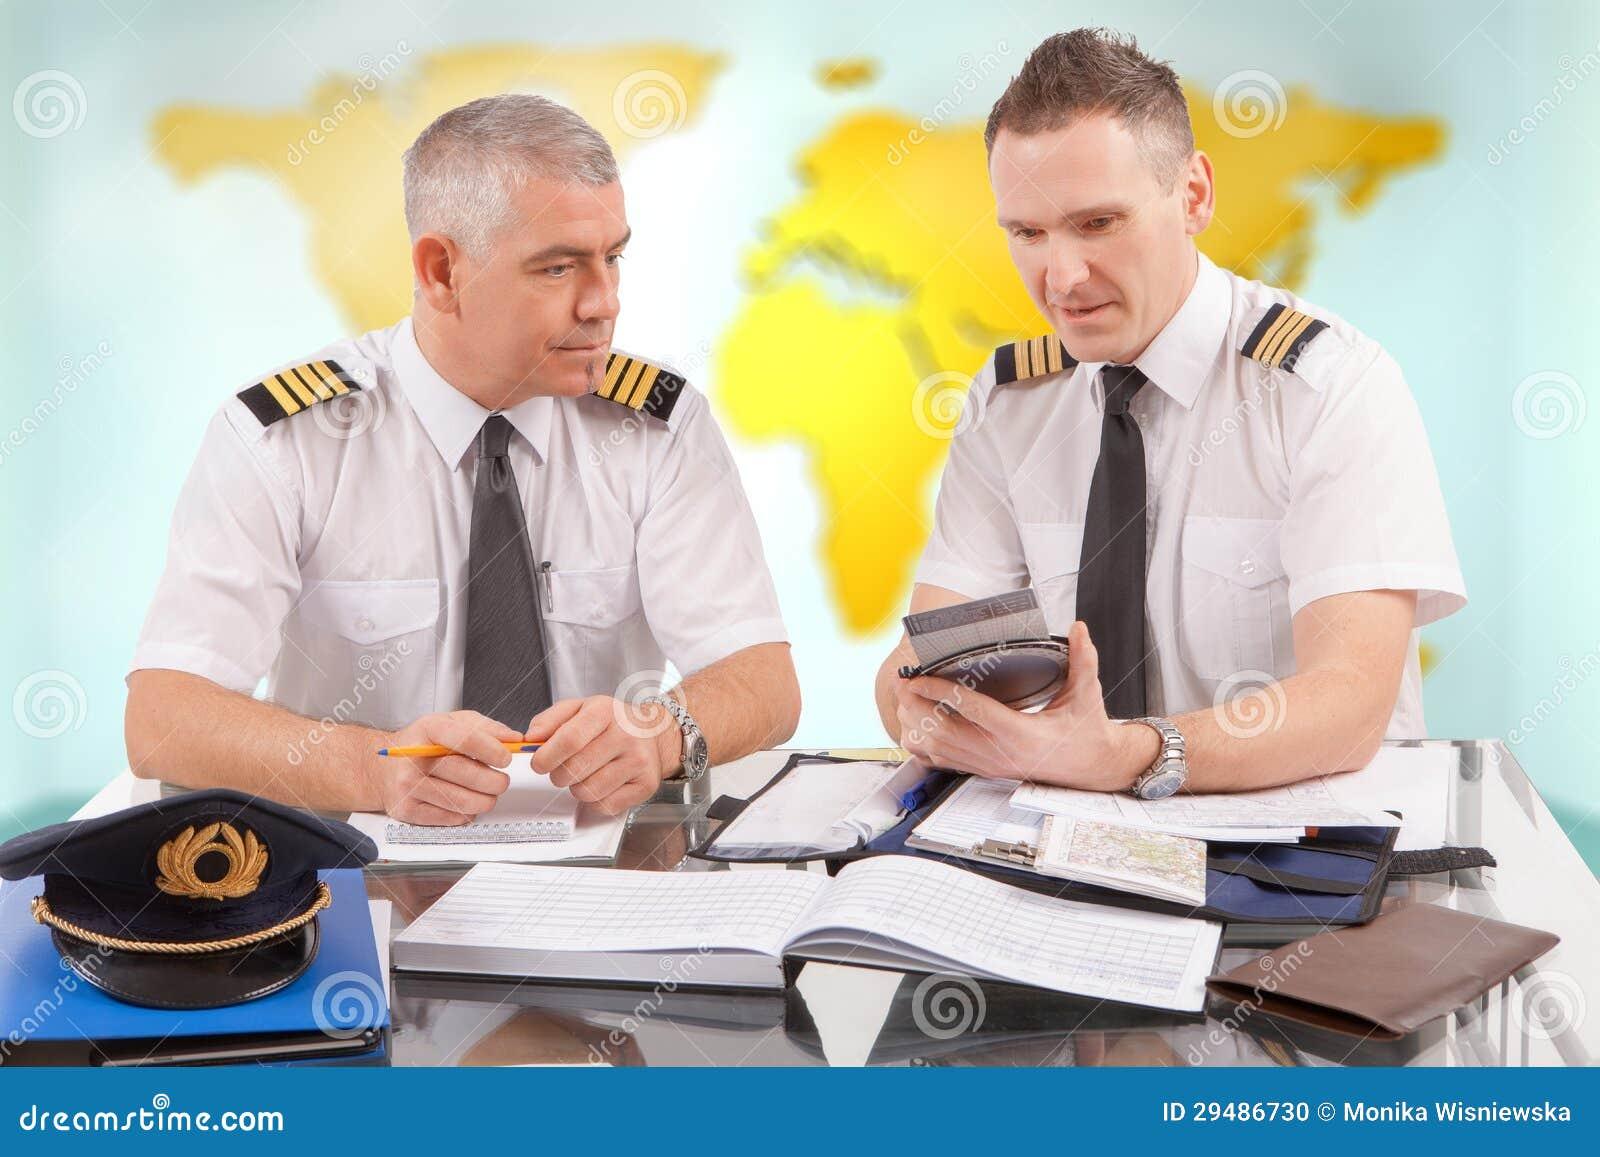 Linia lotnicza pilotuje plombowanie w papierach w ARO